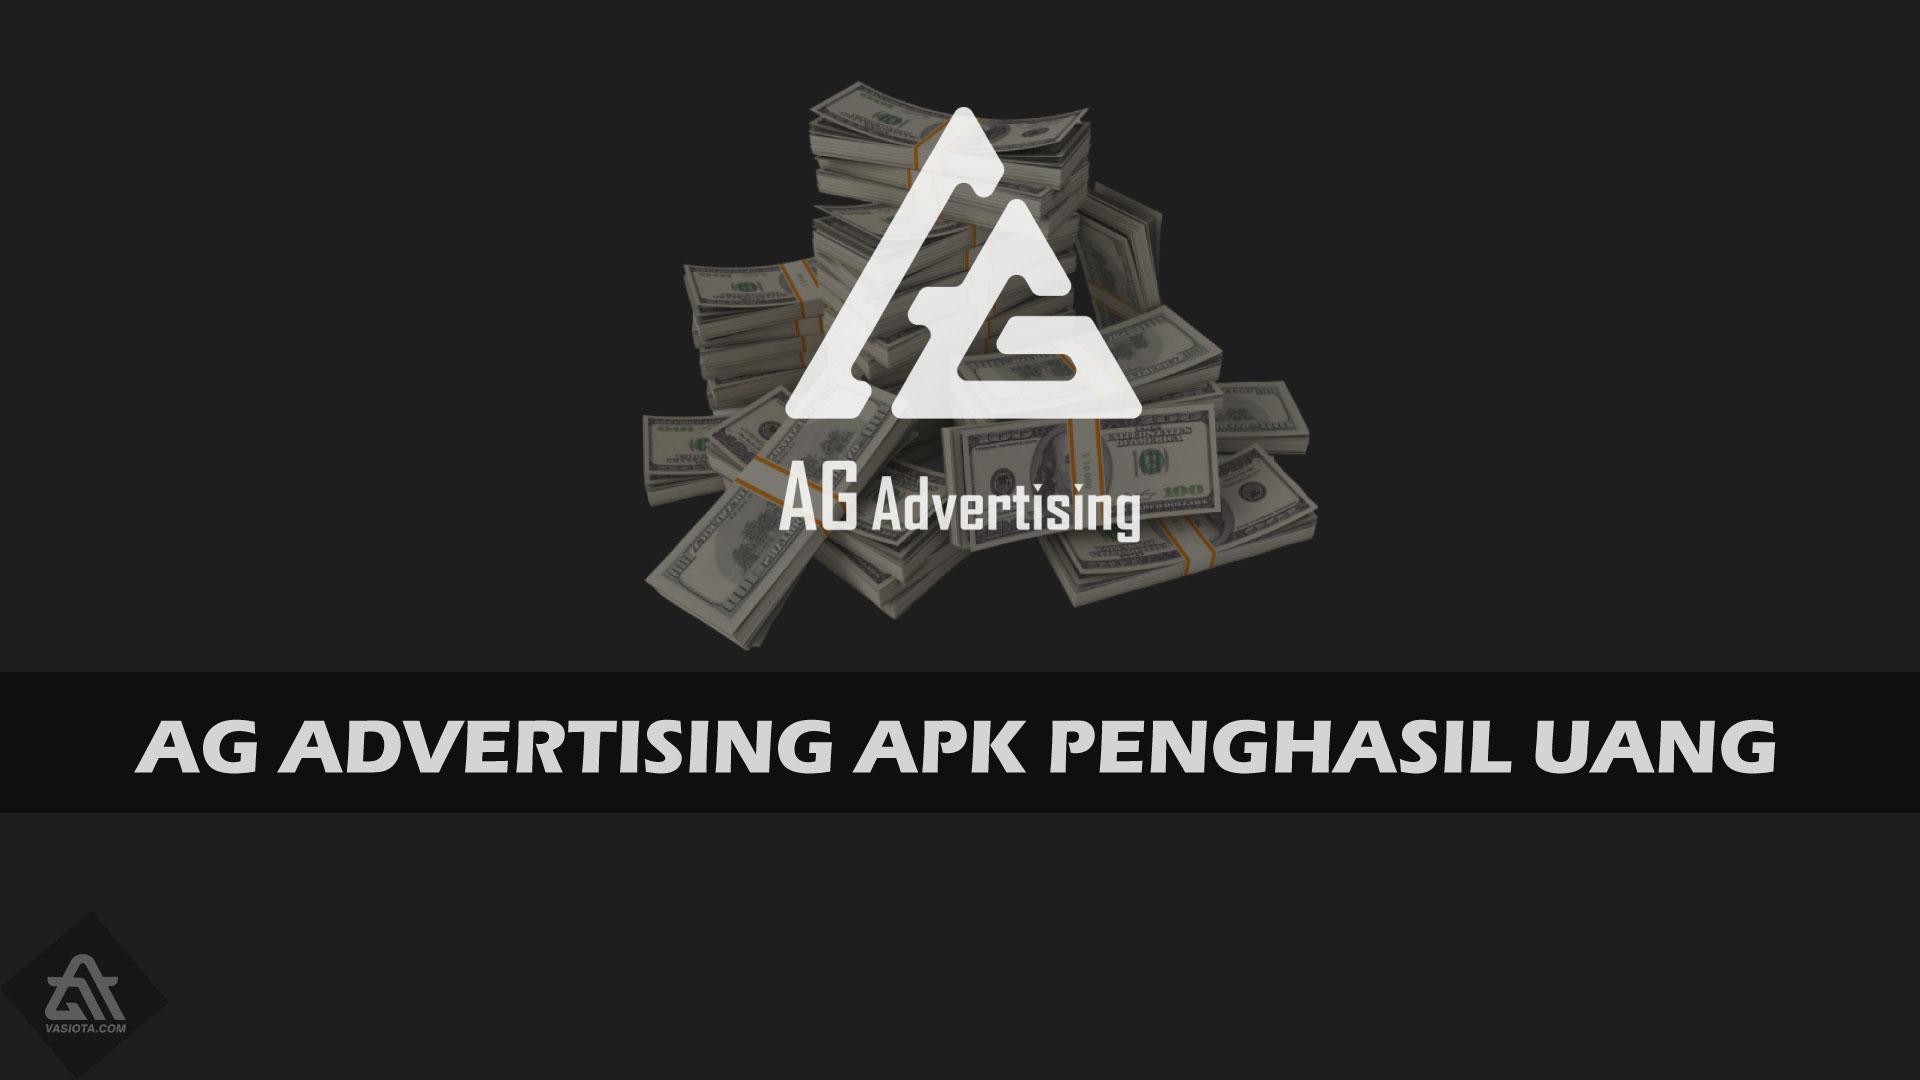 AG Advertising